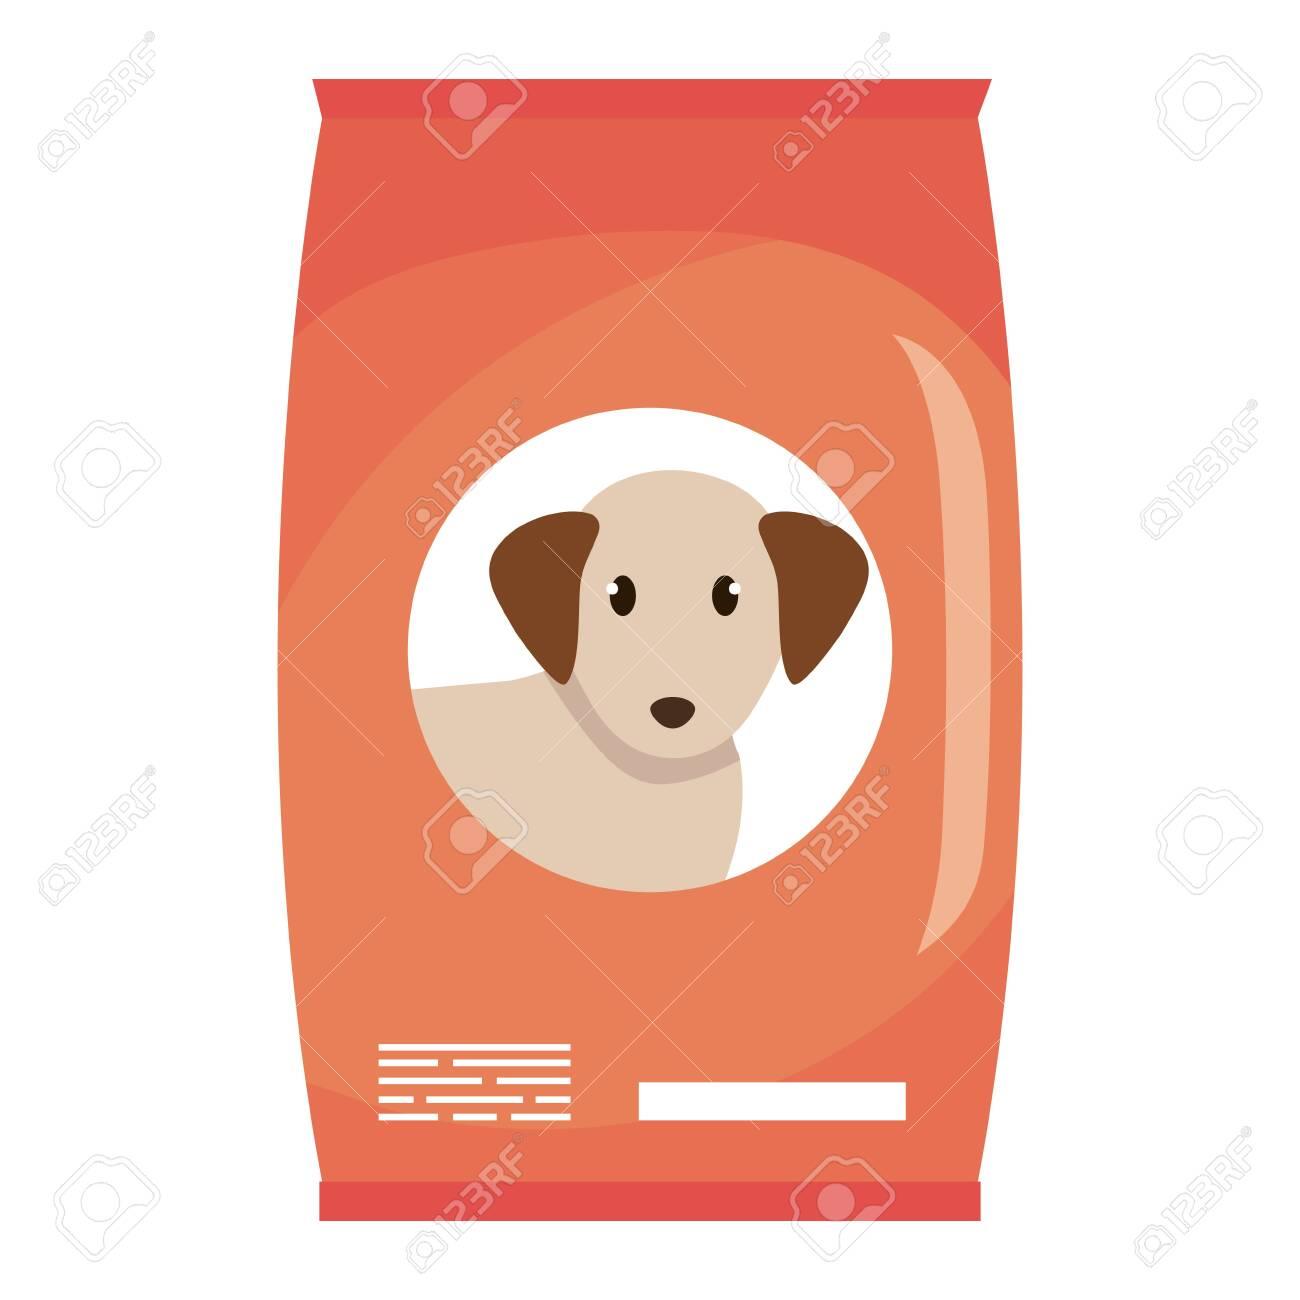 dog food bag icon vector illustration design - 126361577